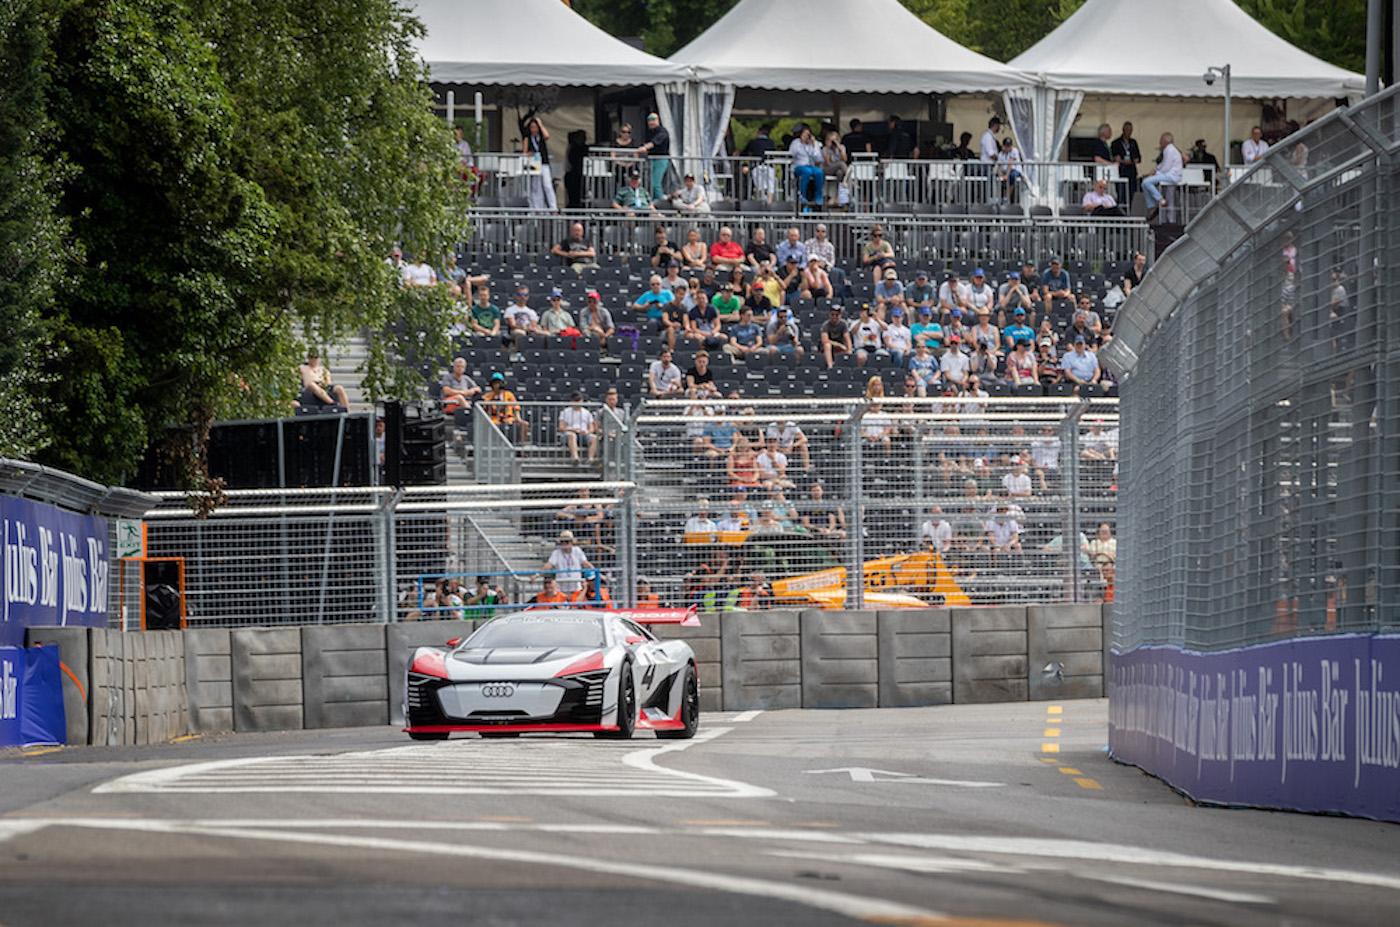 Der Audi e-tron Vision Gran Turismo fährt in die Zürcher Start-Ziel-Gerade. (Sven Thomann)